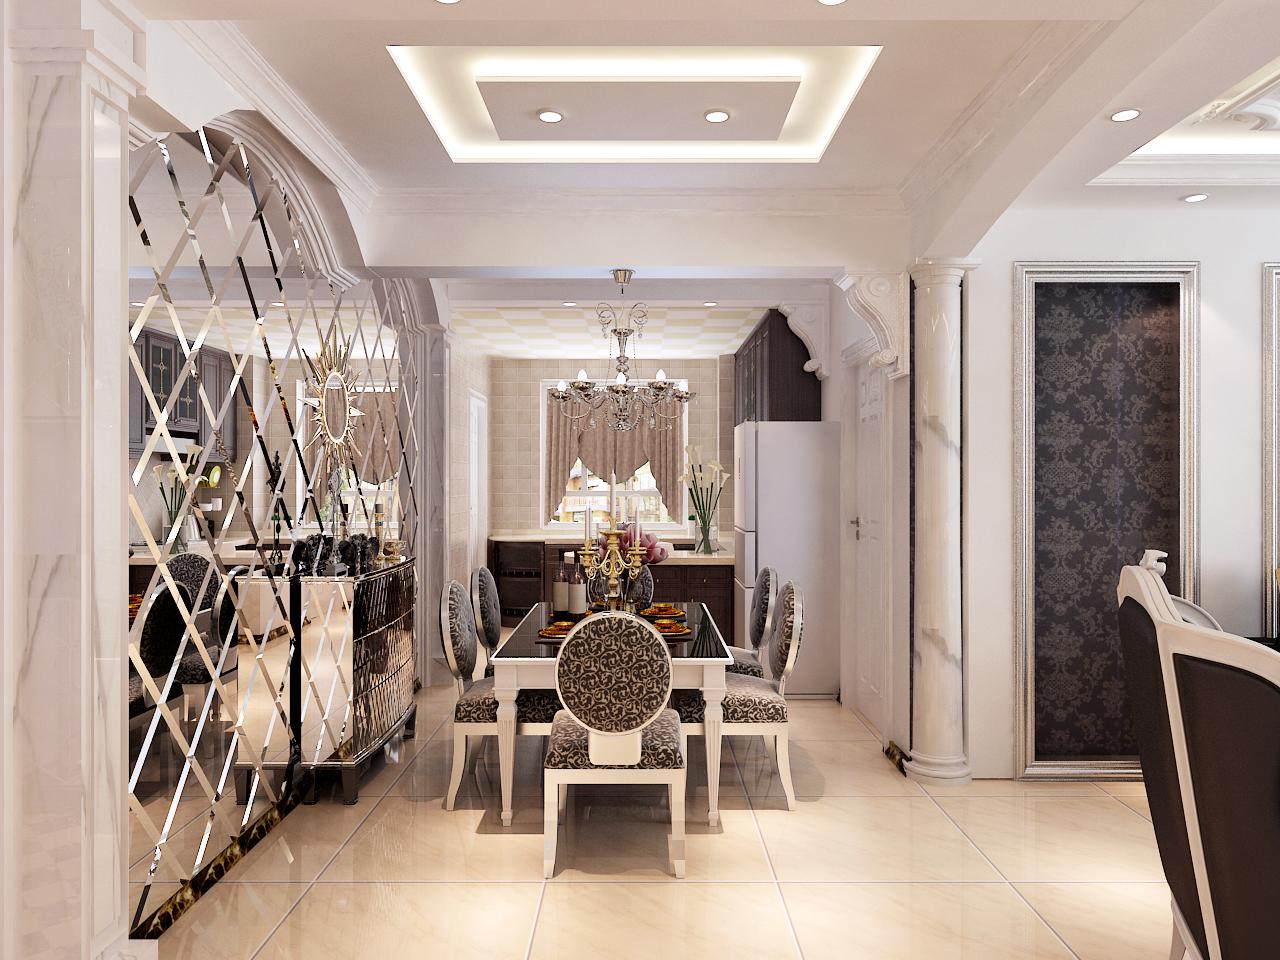 三居 白领 80后 小资 混搭 餐厅图片来自晋级装饰小金在瑞士风情小镇赏析的分享